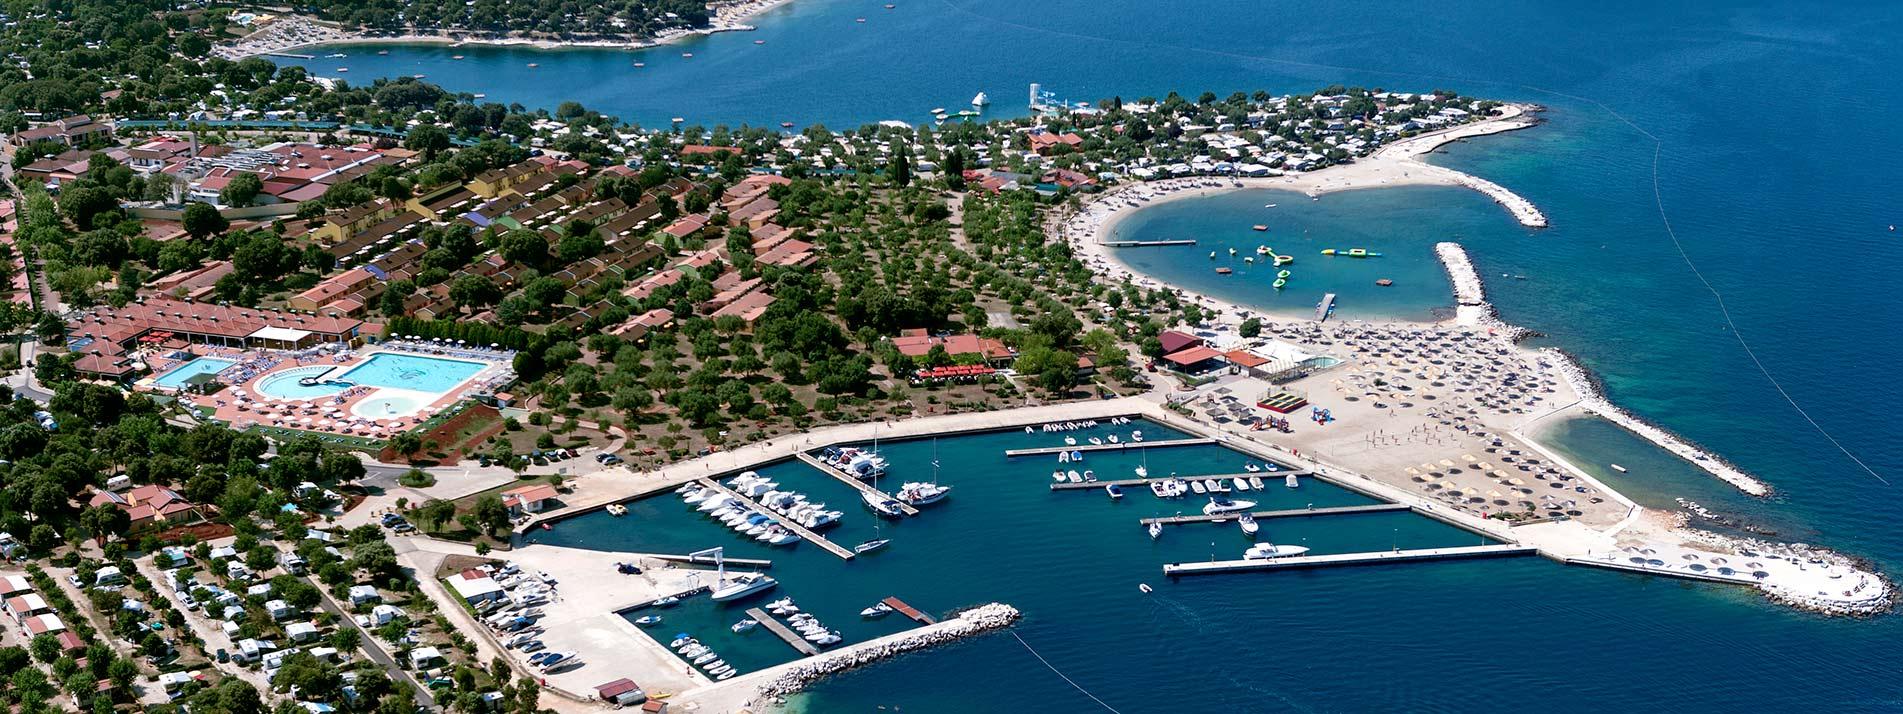 campingplätze kroatien karte Camping Kroatien   das offizielle Camping Portal   Campingverband  campingplätze kroatien karte